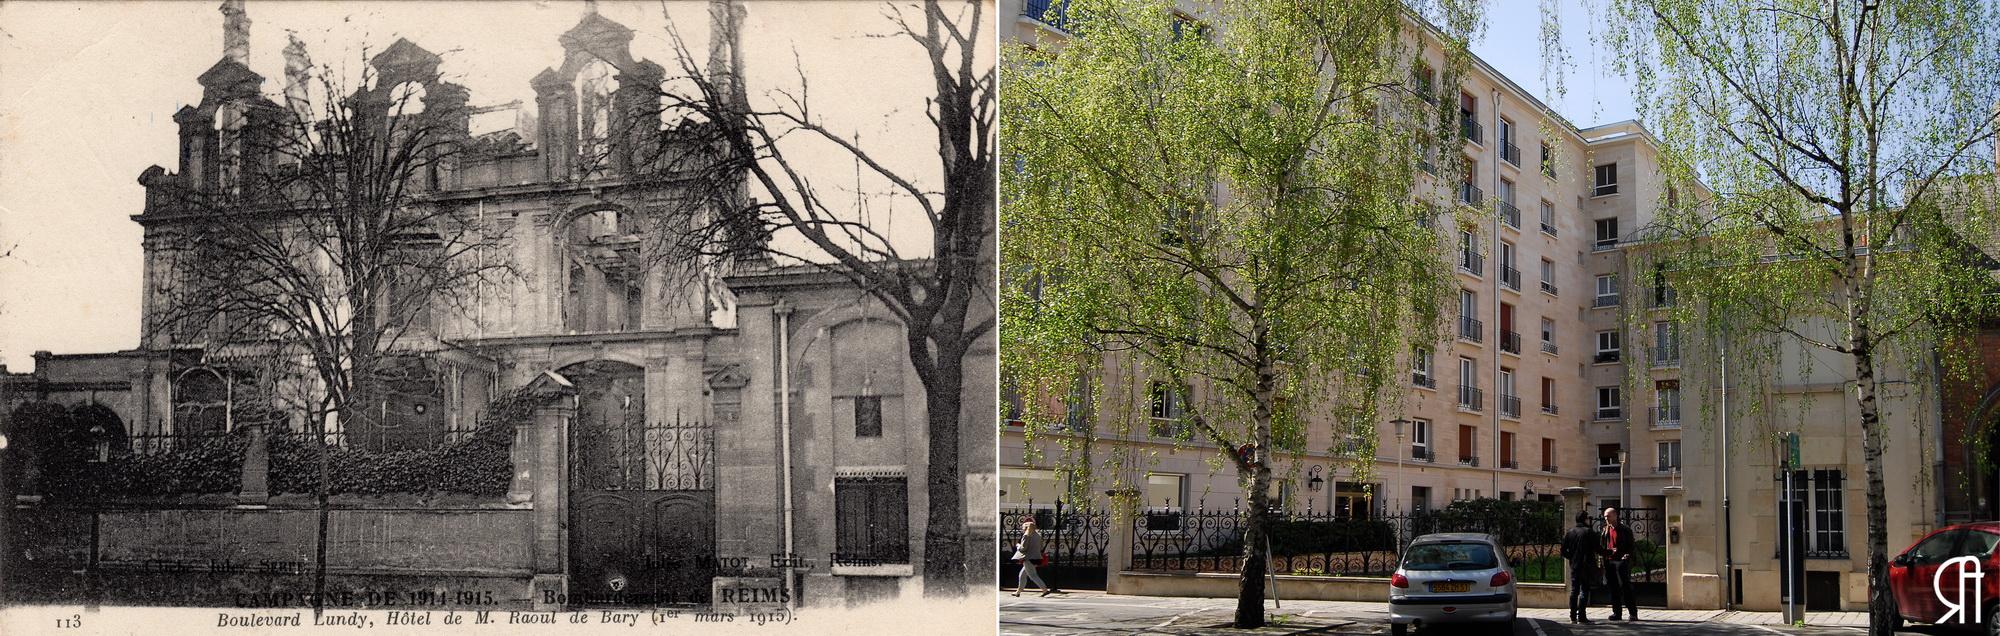 Boulevard Lundy, l'hôtel particulier de M. Raoul de Bary